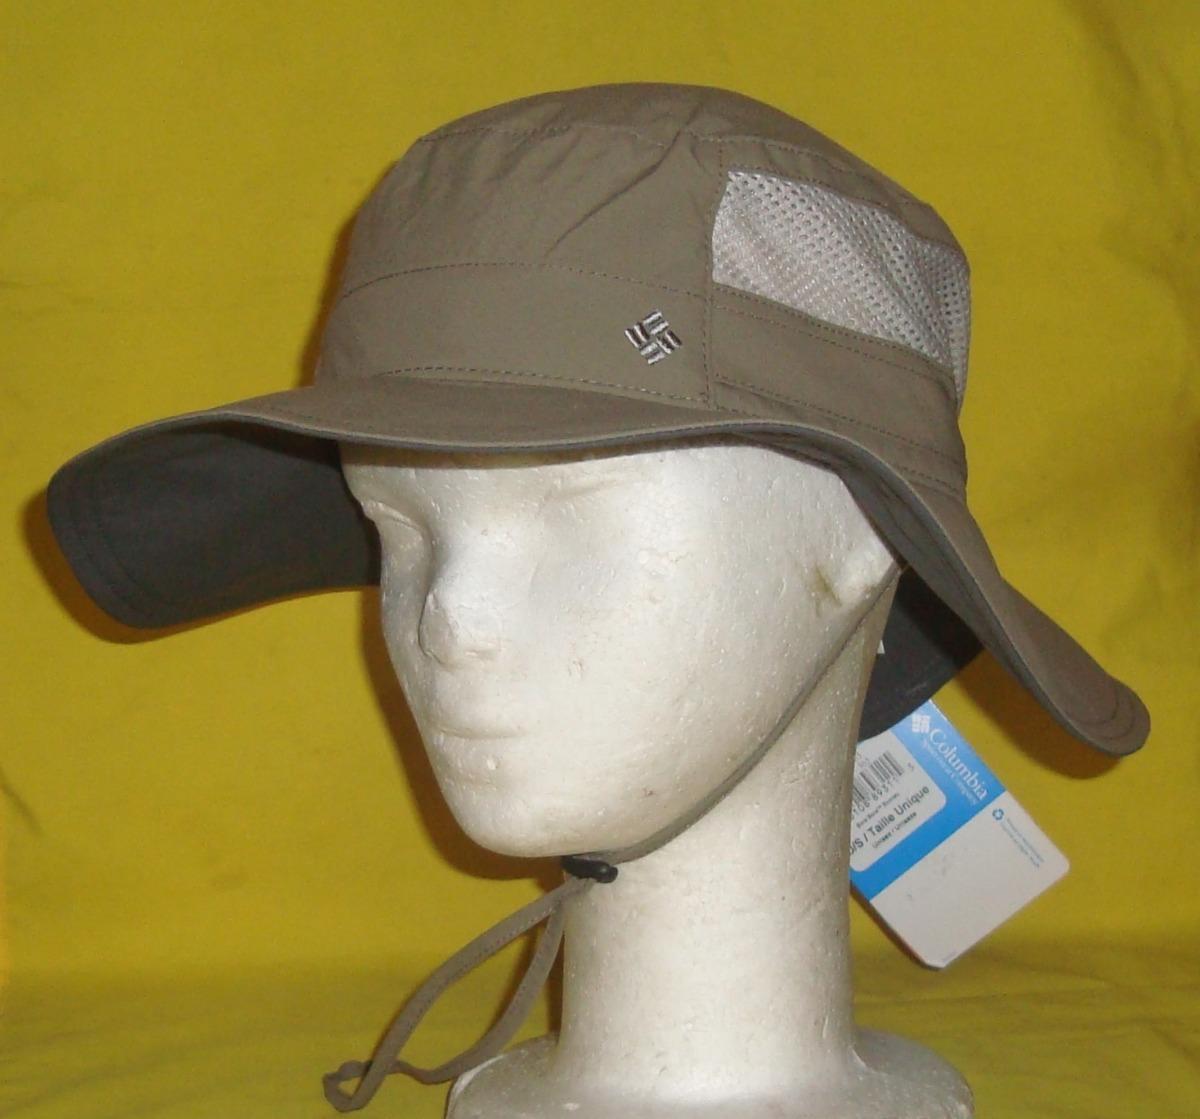 520abc793331f sombrero columbia bora bora booney verde salvia pesca caza. Cargando zoom.